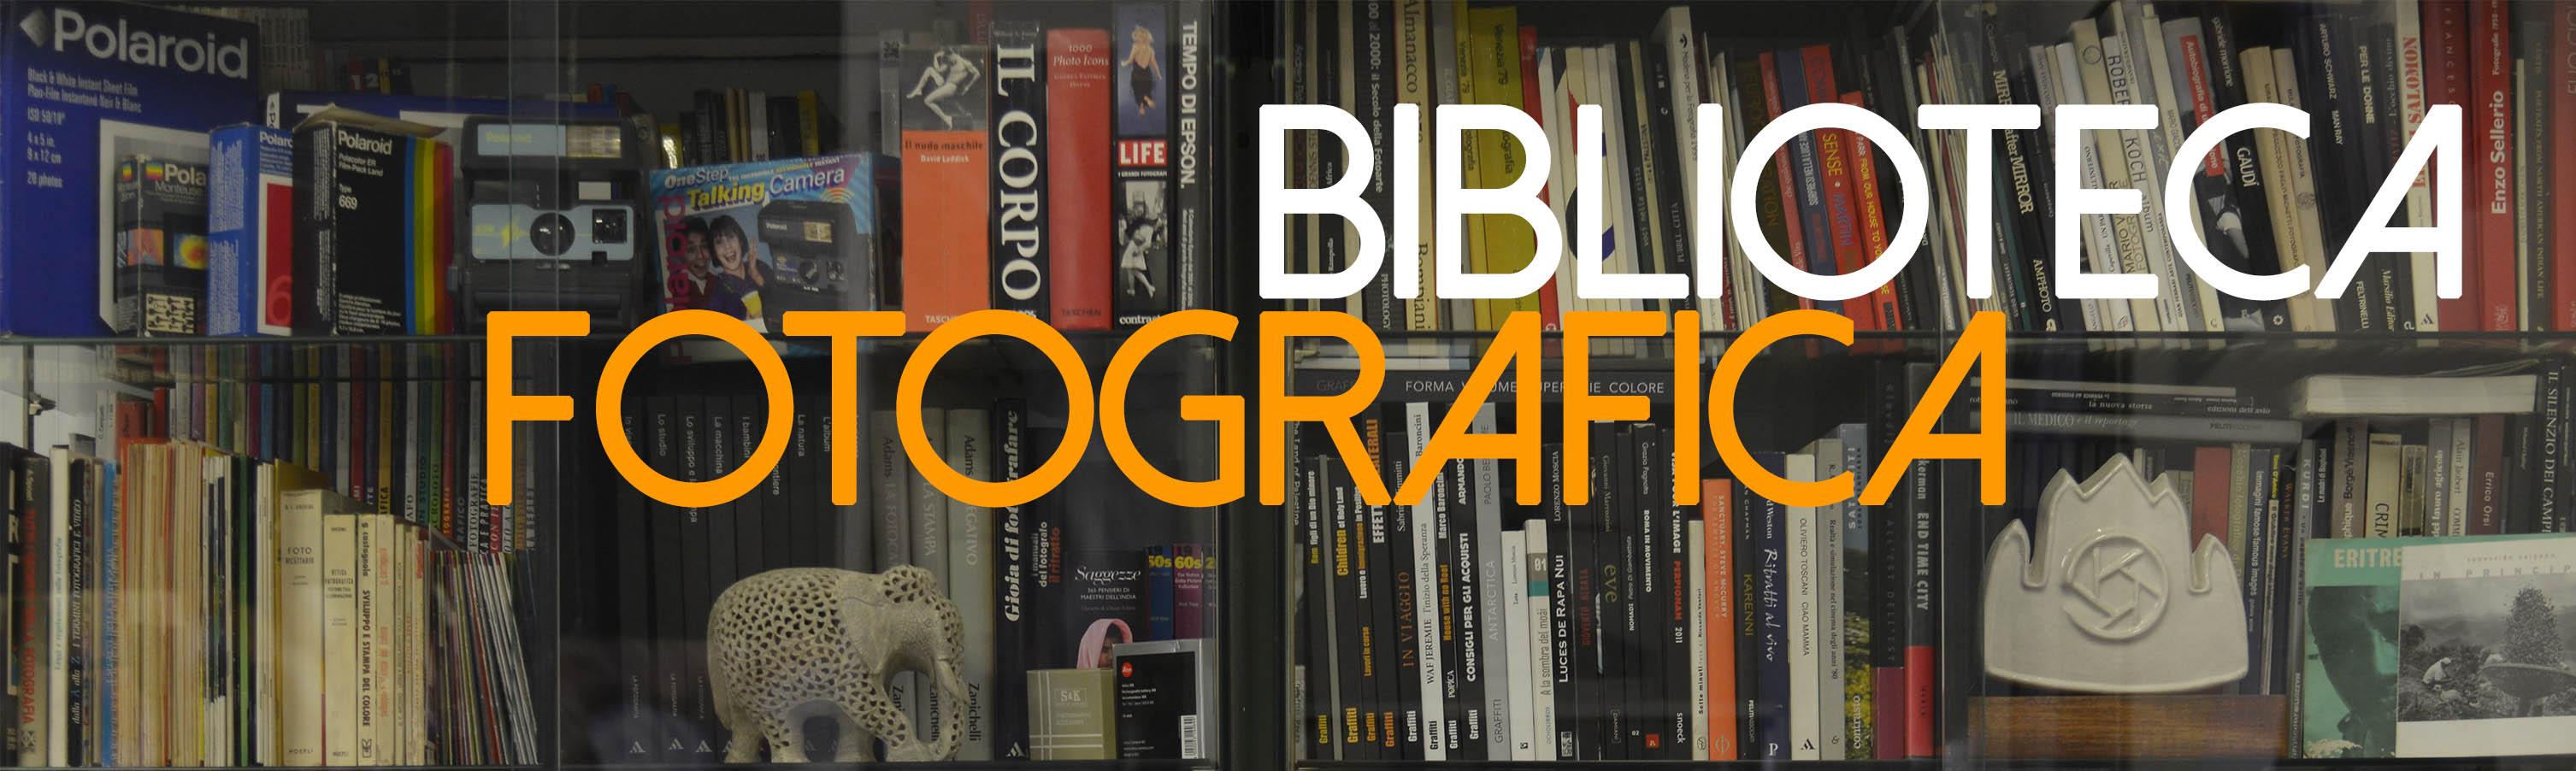 biblioteca fotografica consultabile graffiti